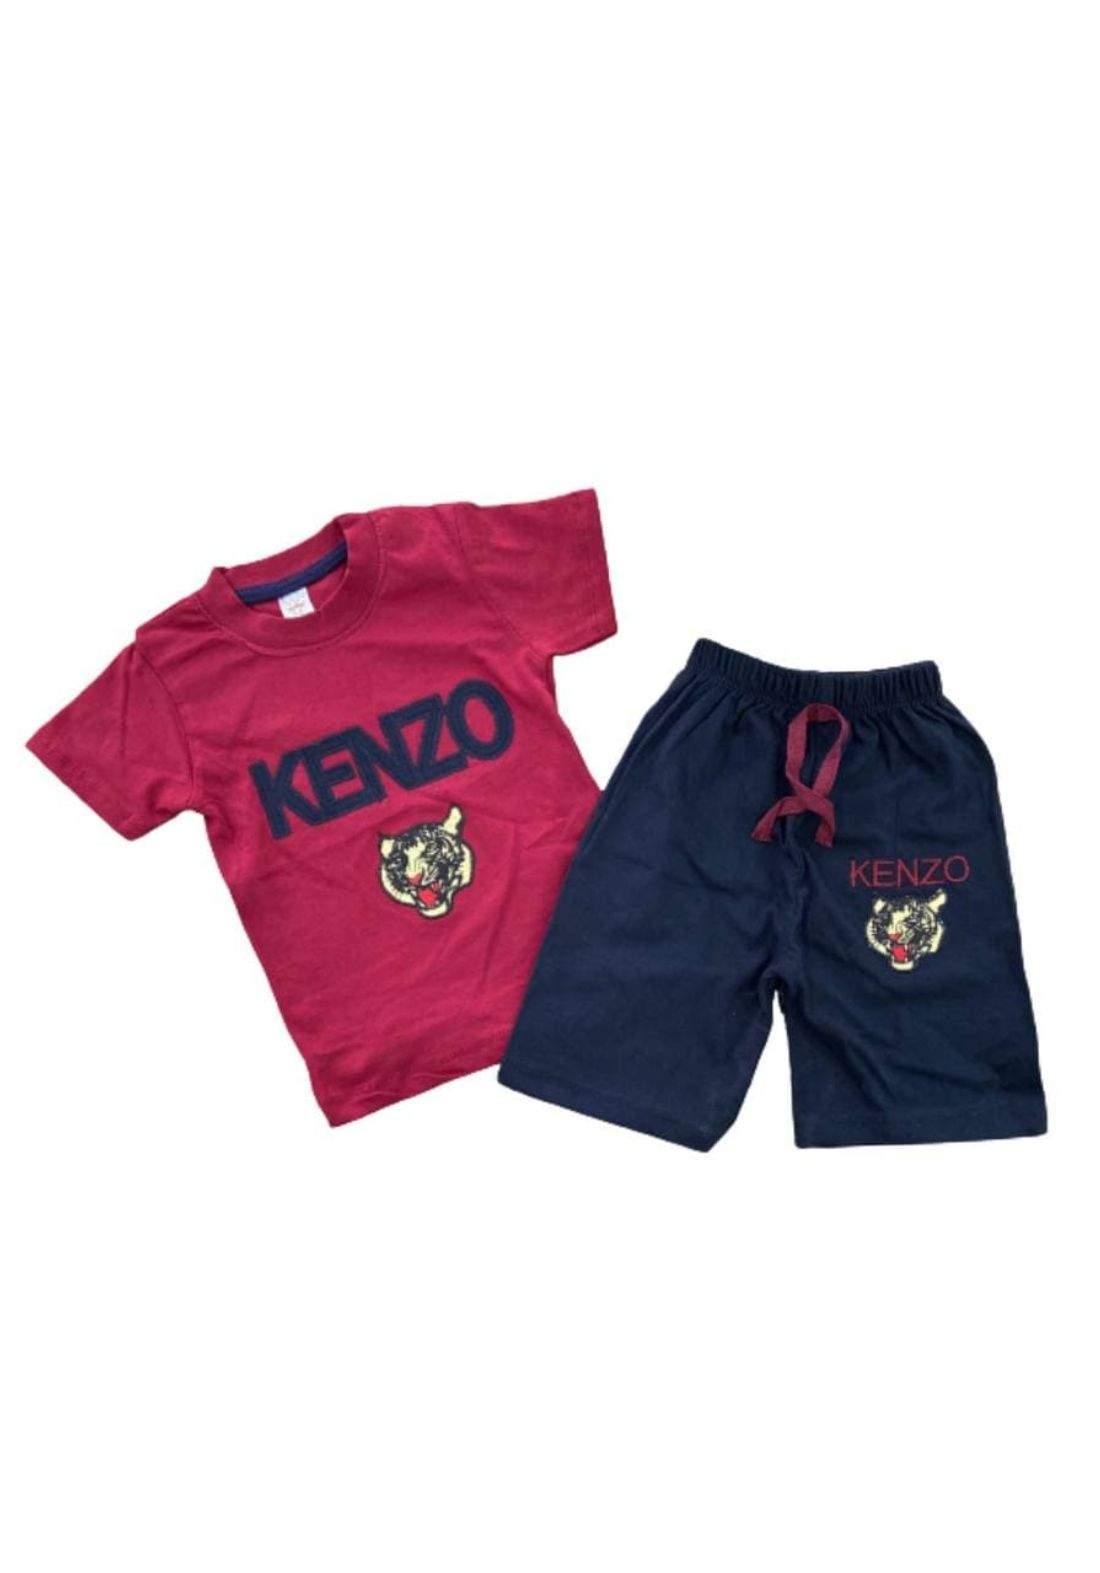 tracksuit for boys red  (t-shirt+short) تراكسوت ولادي ماروني  (شورت و تيشيرت)